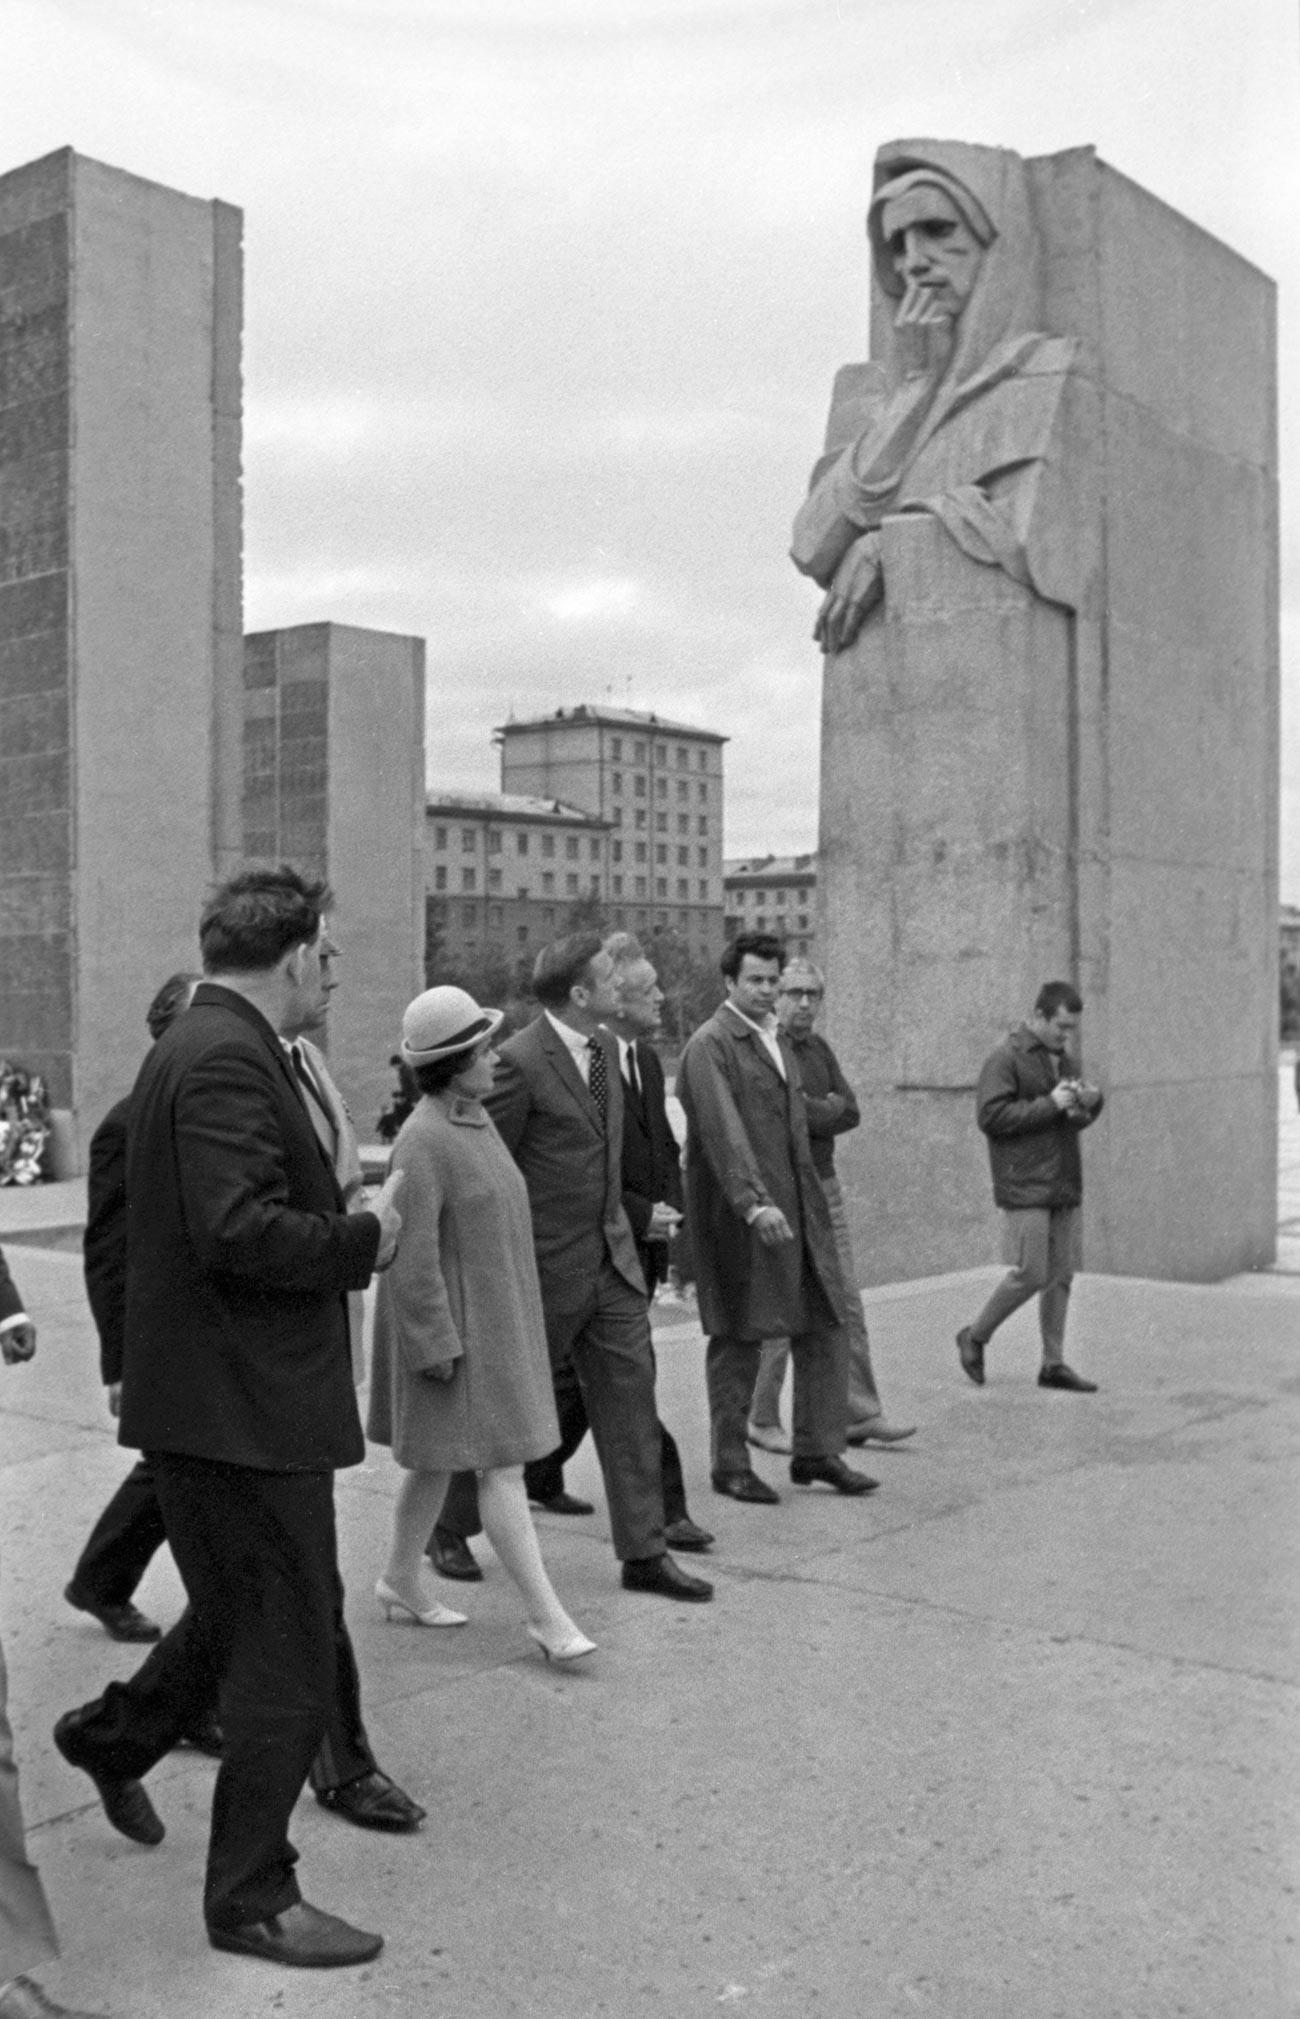 Нил Армстронг (в центре) посетил мемориальный комплекс «Монумент Славы» в городе Новосибирске.